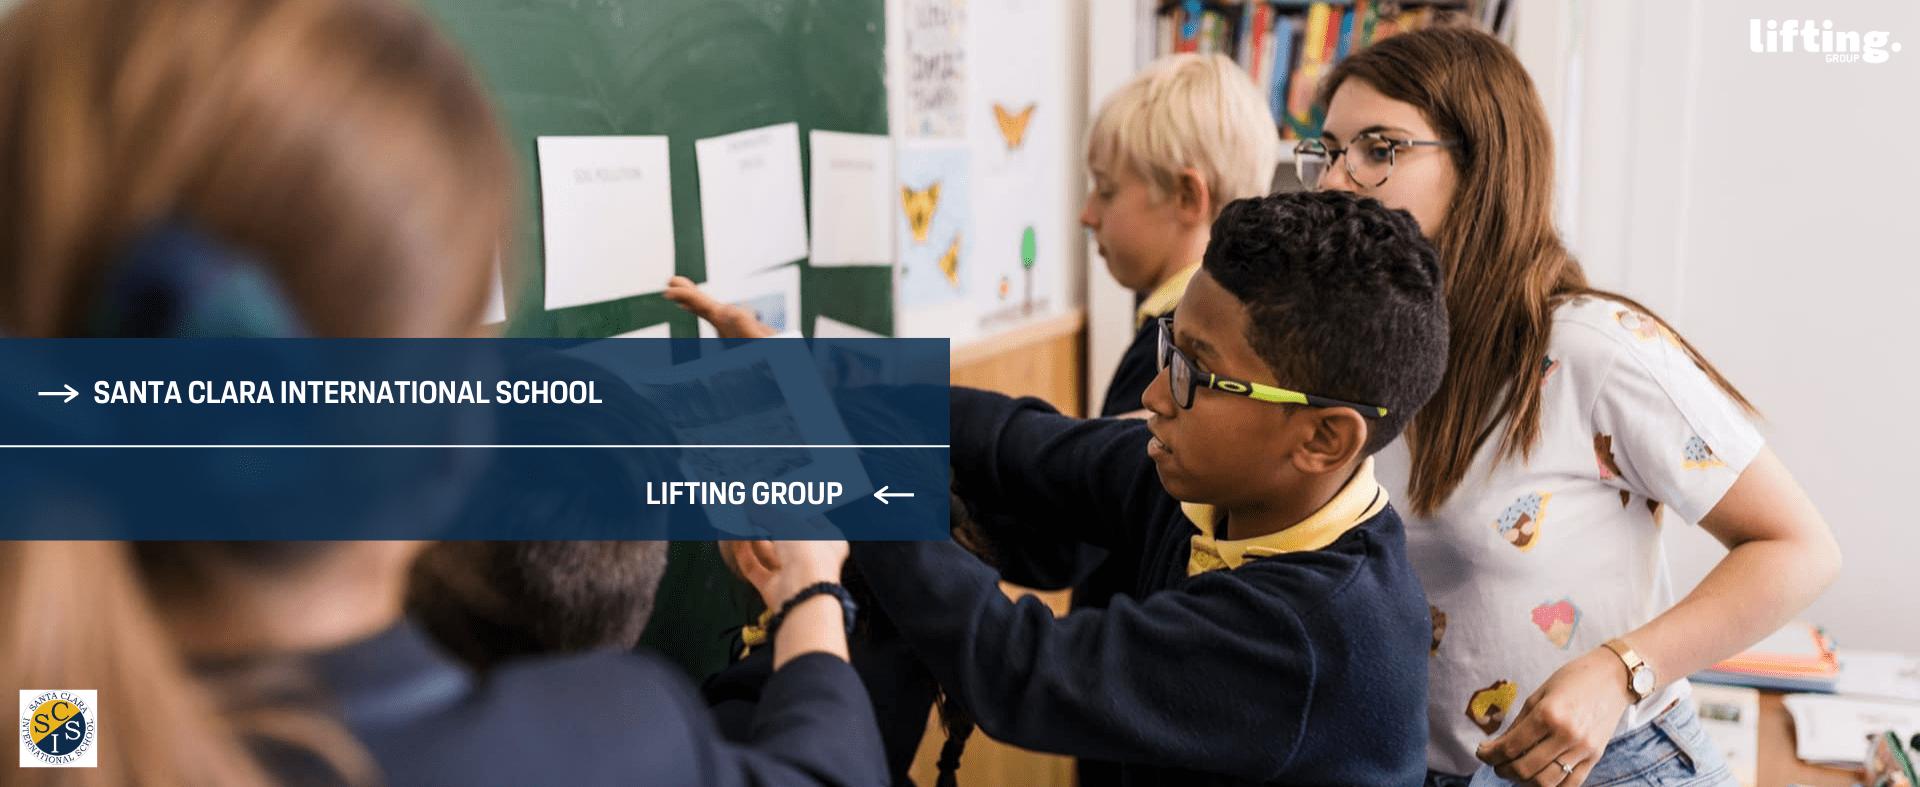 Santa Clara International School confía en nuestro equipo de Consultoría para la elaboración de su plan de estrategia de comunicación 2021/22